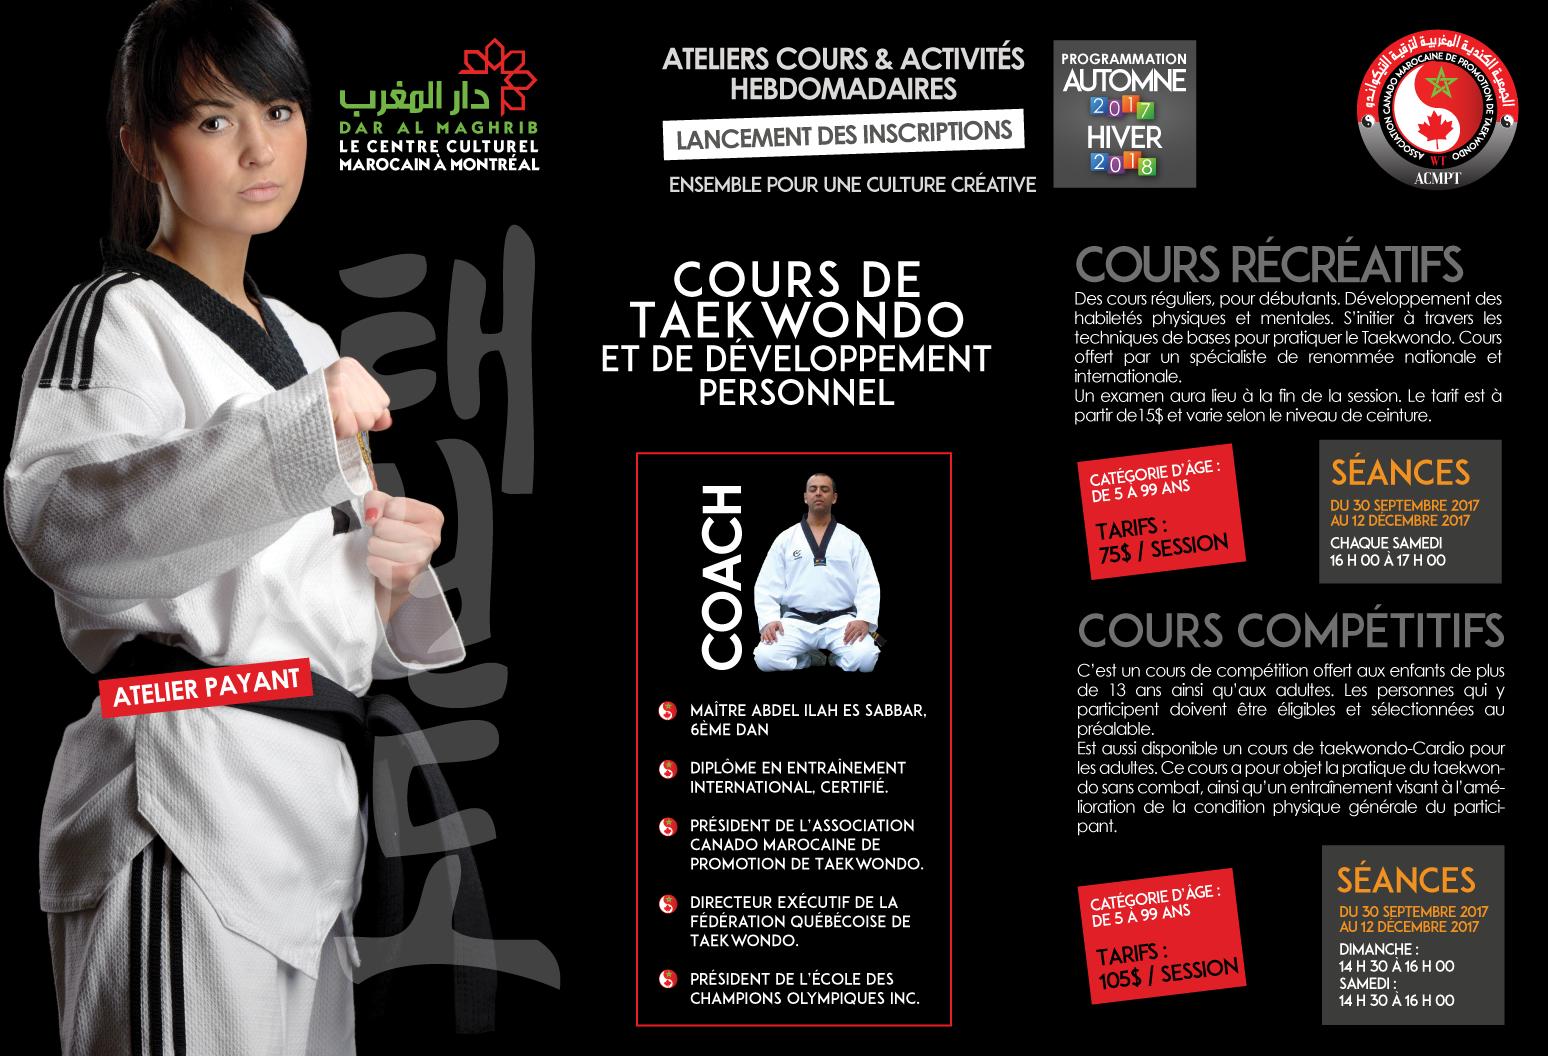 Cours de développement personnel Taekwondo Automne 2017